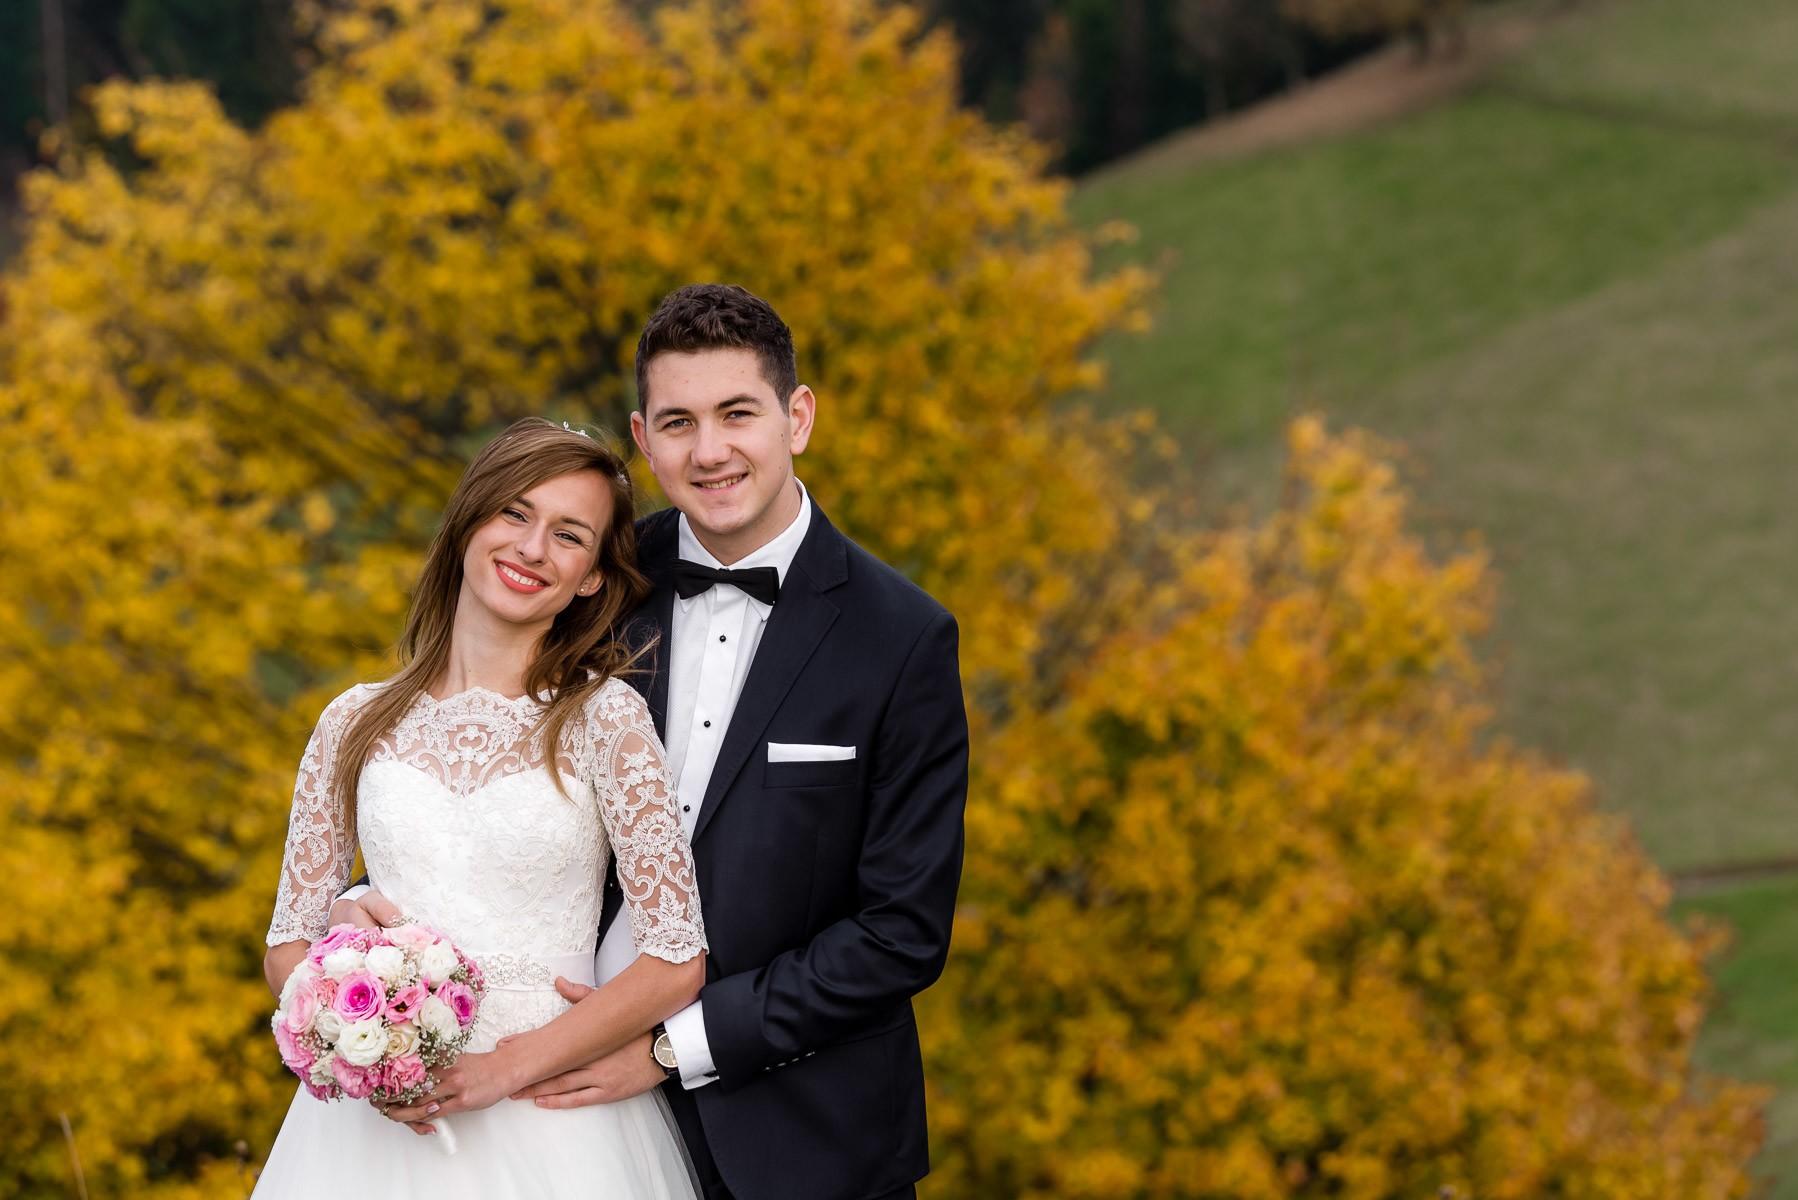 sala na skarpie fotograf slubny slask malopolska adam pietrusiak plener slubny w gorach jw wedding 185